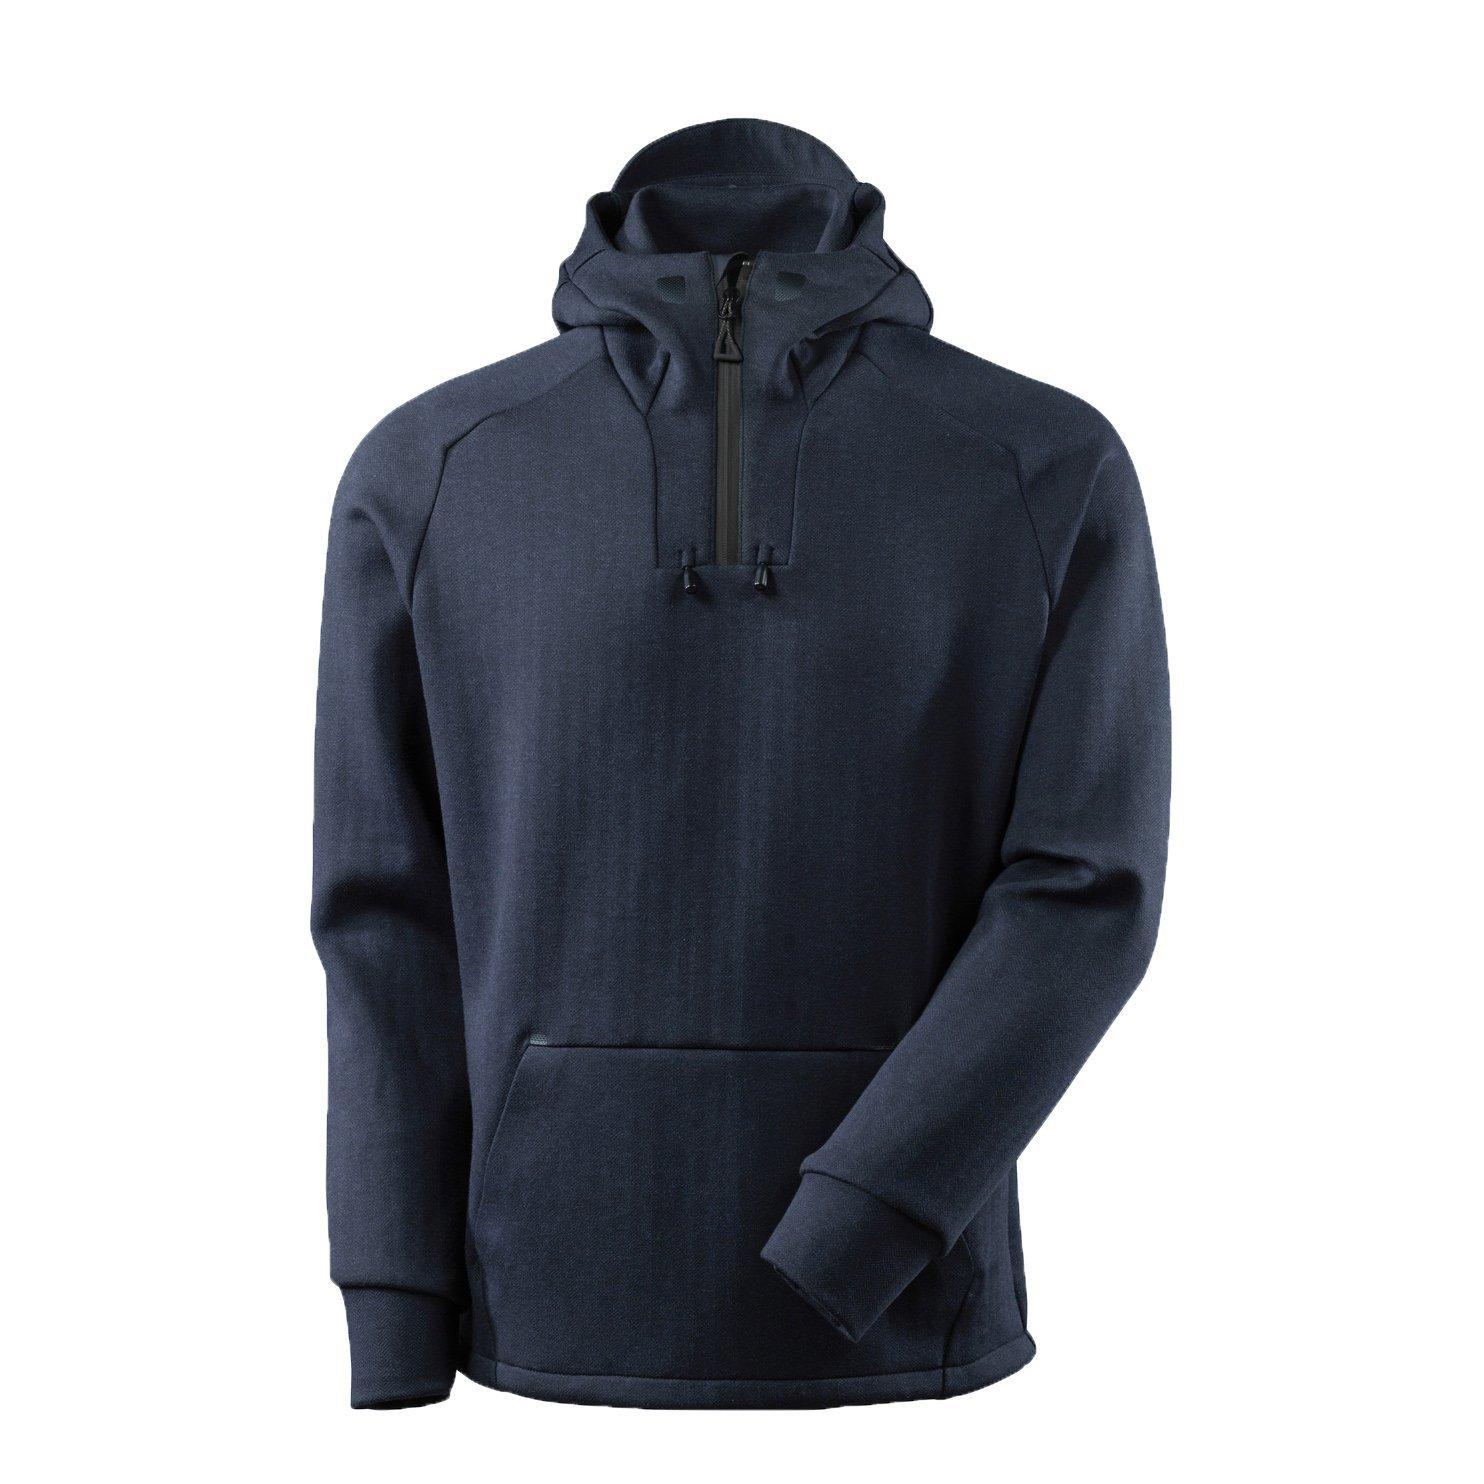 Black//Blue Mascot 51590-970-010-XS HoodieGimont Size XS